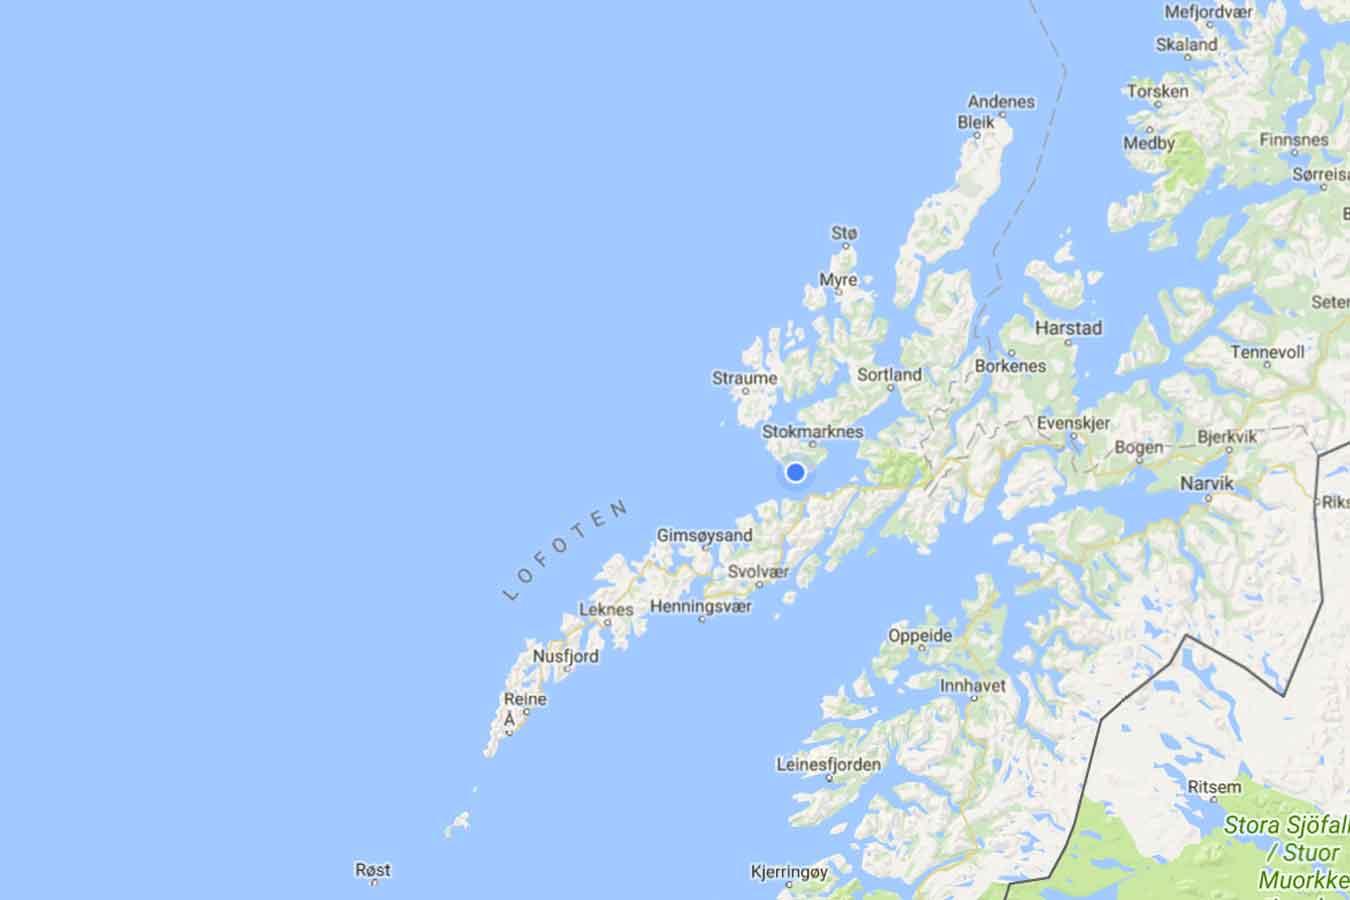 lofoten vesterålen kart Kraftig sentralisering internt i Lofoten og Vesterålen | LoVe24.no lofoten vesterålen kart